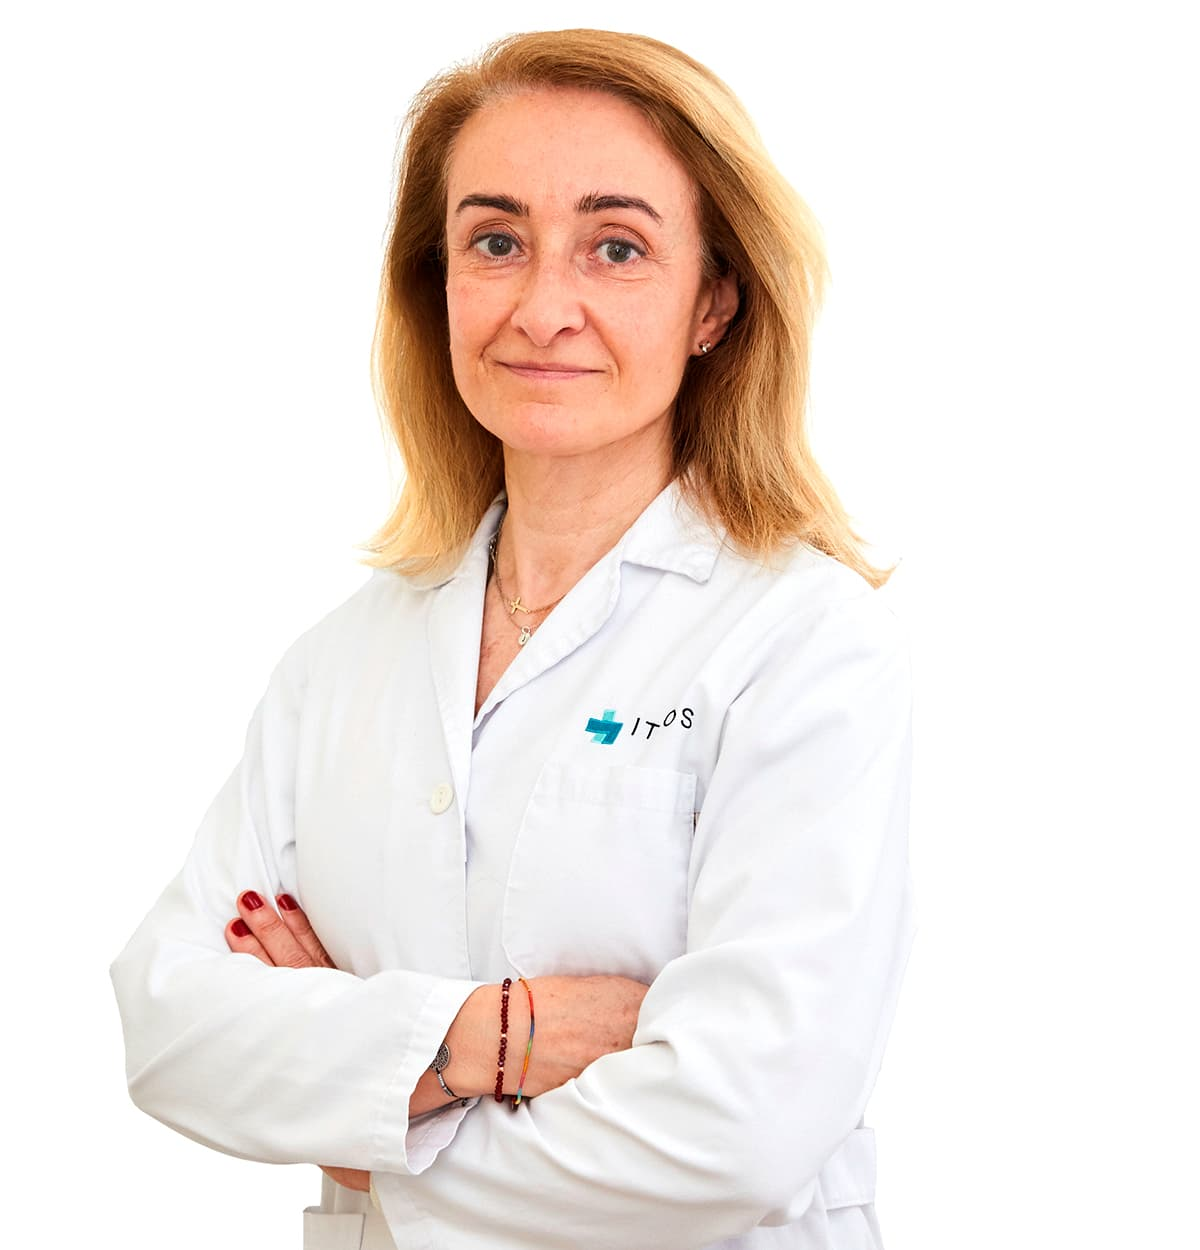 Dra María Jose Luengo